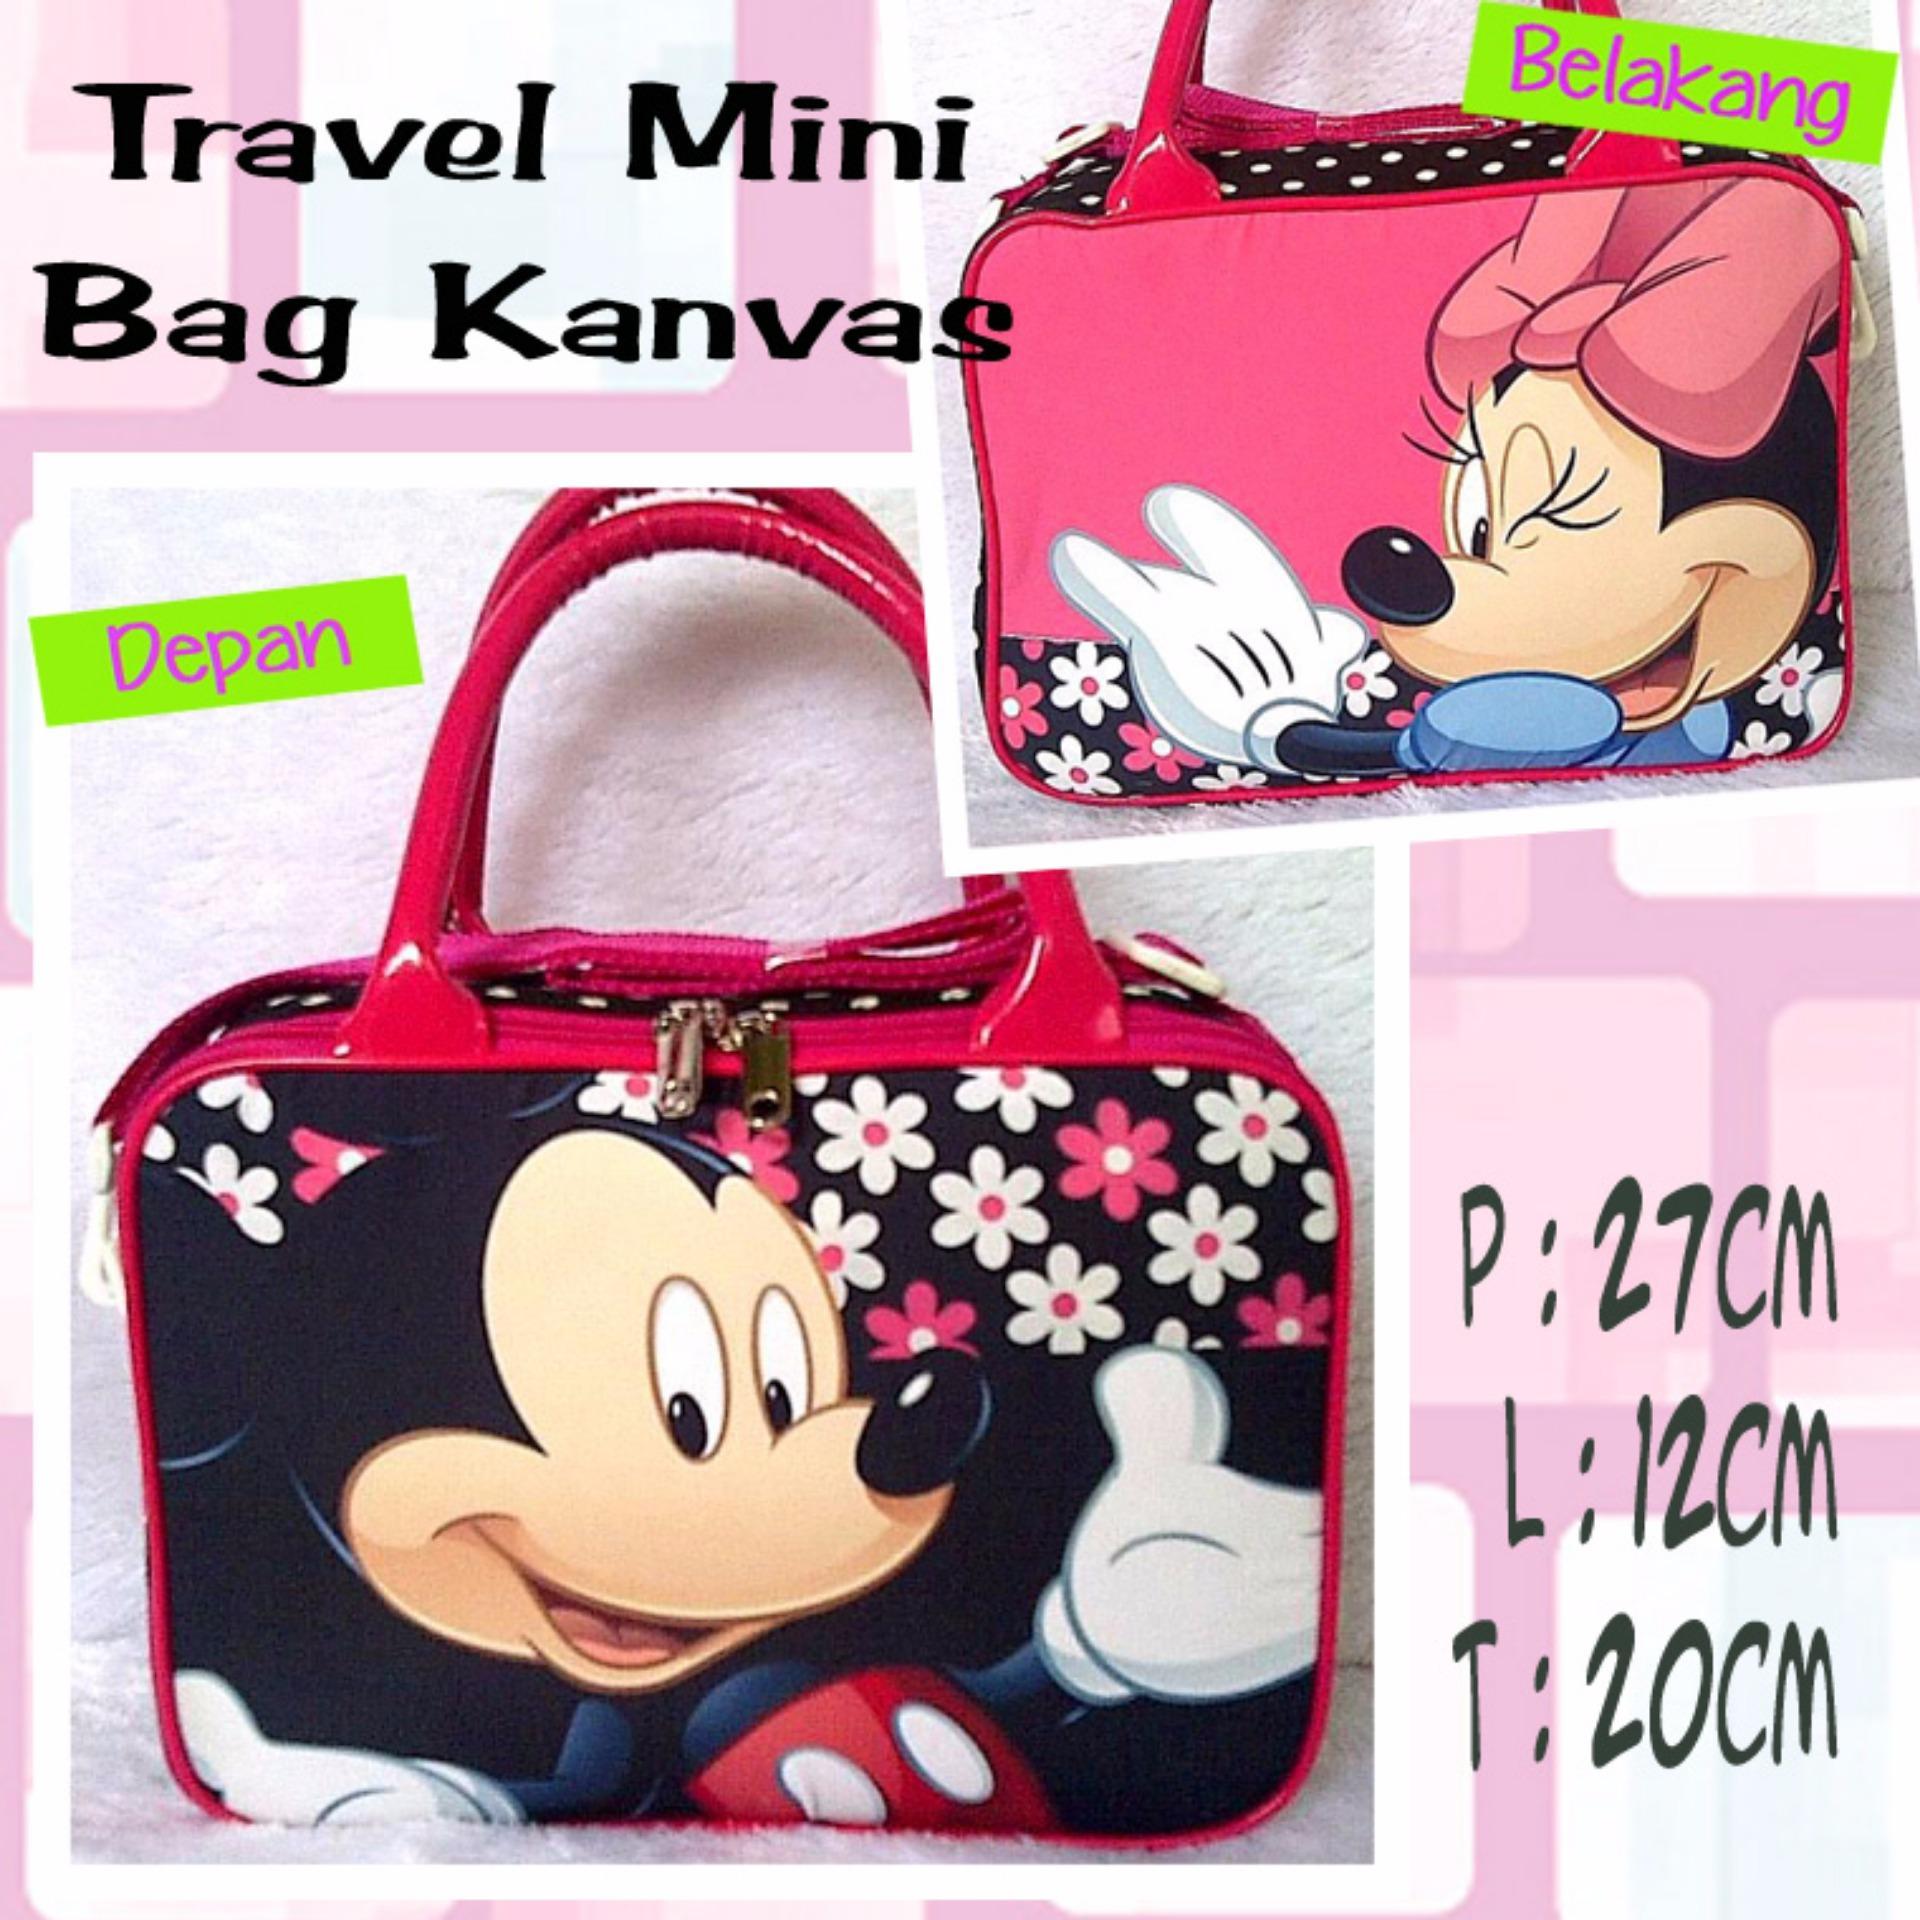 ... Travelbagmurah Travel Bag Kanvas Mickey Polkadot Daftar Harga Source TRAVELBAGMURAH TRAVEL MINI KANVAS